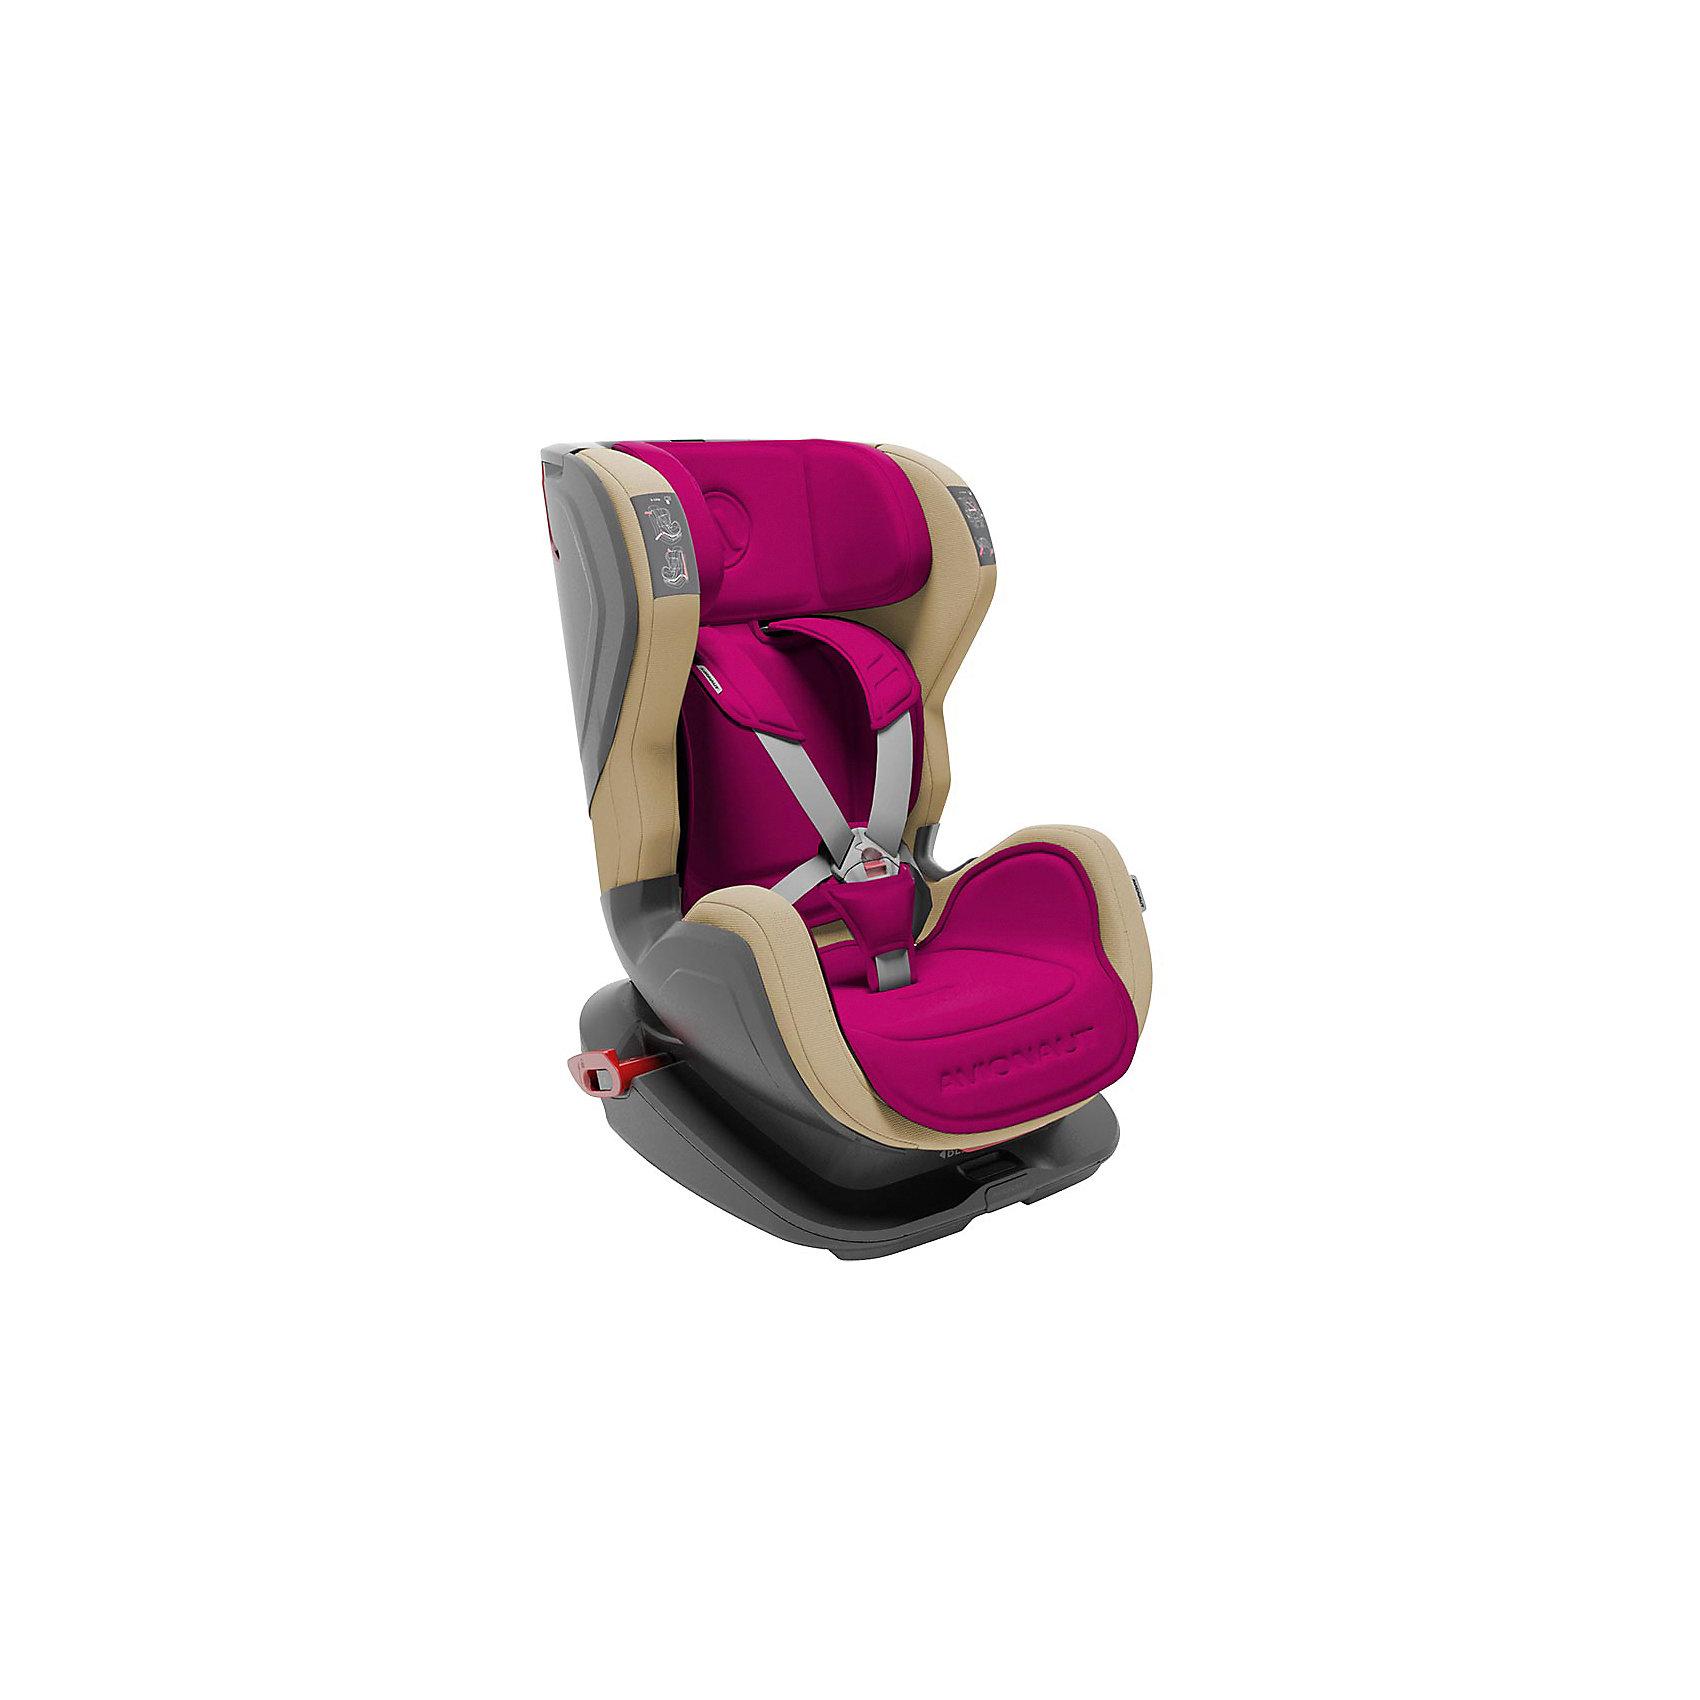 Автокресло Avionaut GLIDER, 9-25кг, фиолетовый/бежевый